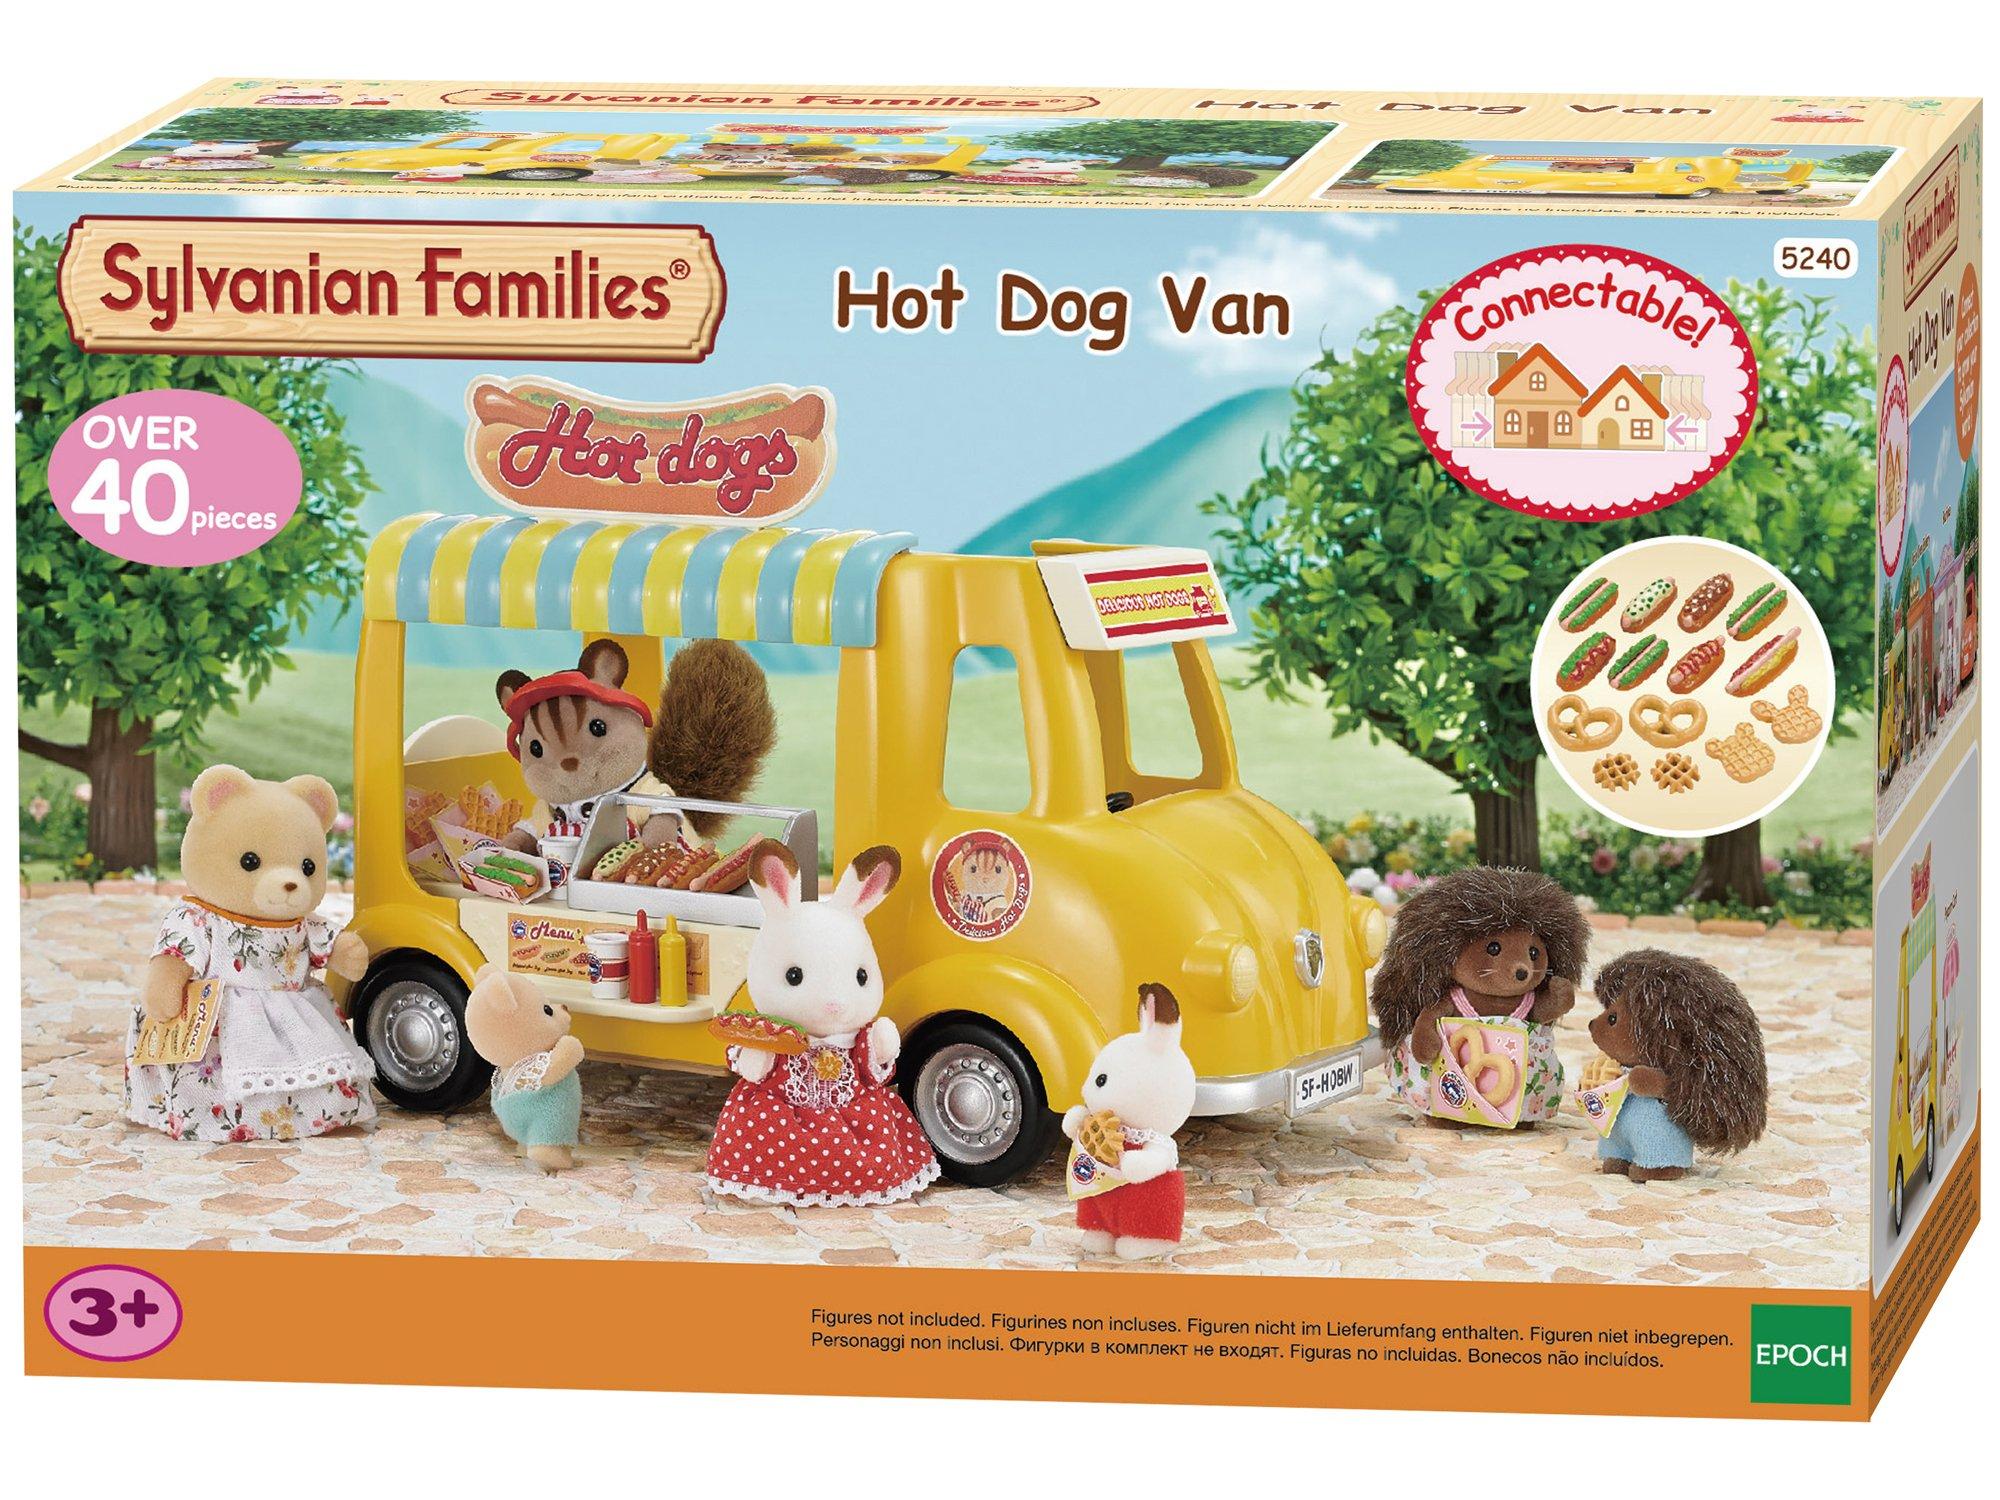 Sylvanian Families EPOCH D'ENFANCE, 5240 product image